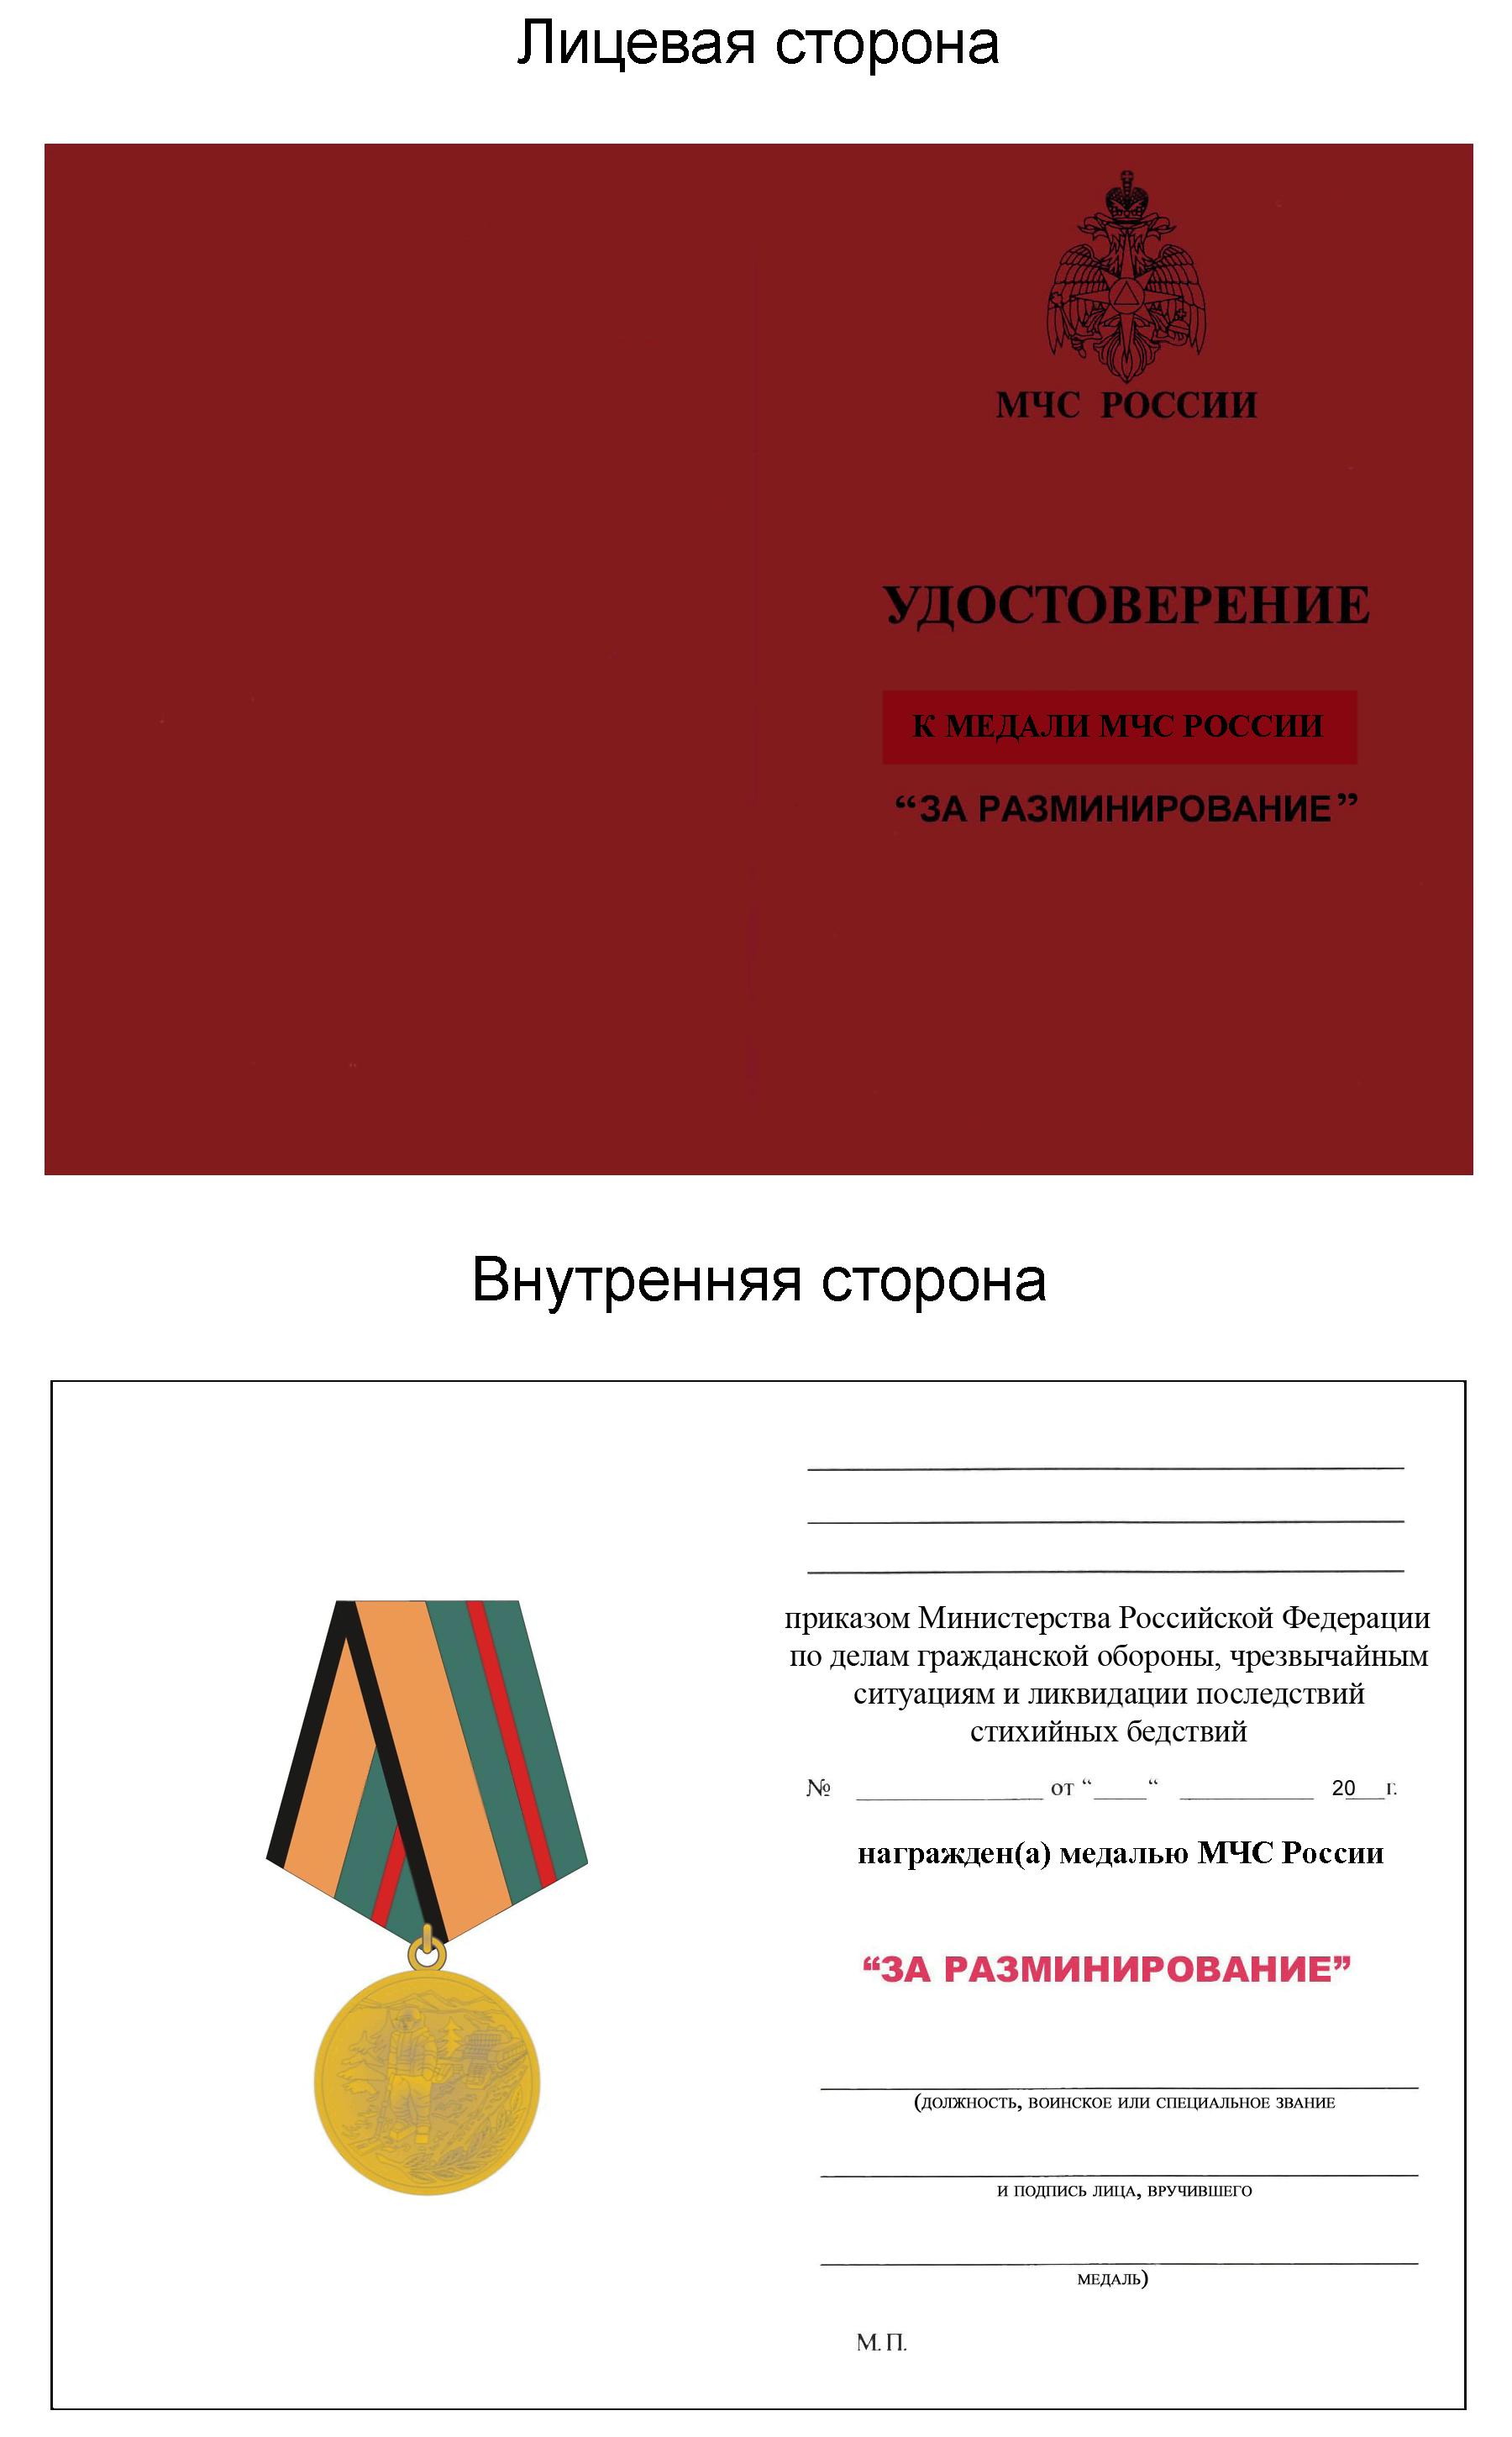 ПРИЛОЖЕНИЕ 3 К ПОЛОЖЕНИЮ 6, УТВ. ПРИКАЗОМ МЧС РФ ОТ 06.12.2010 N 620